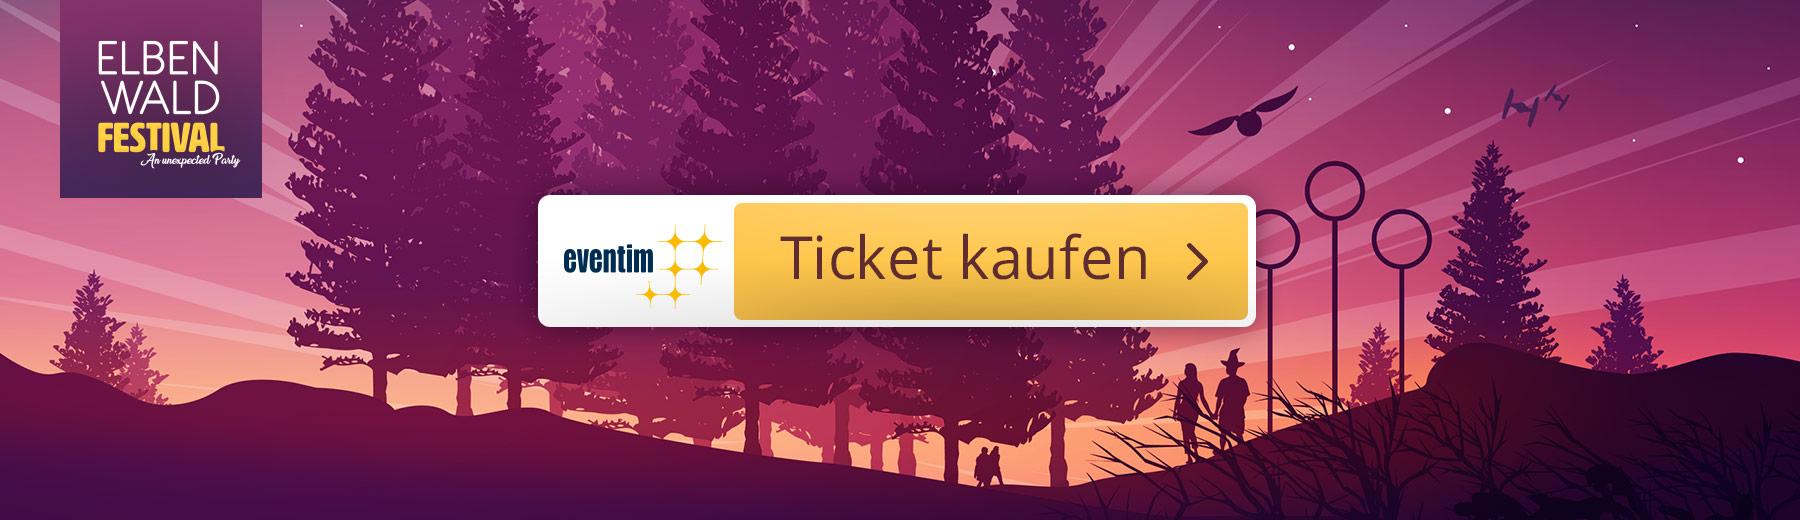 Elbenwald Festival - Ticket kaufen bei EVENTIM